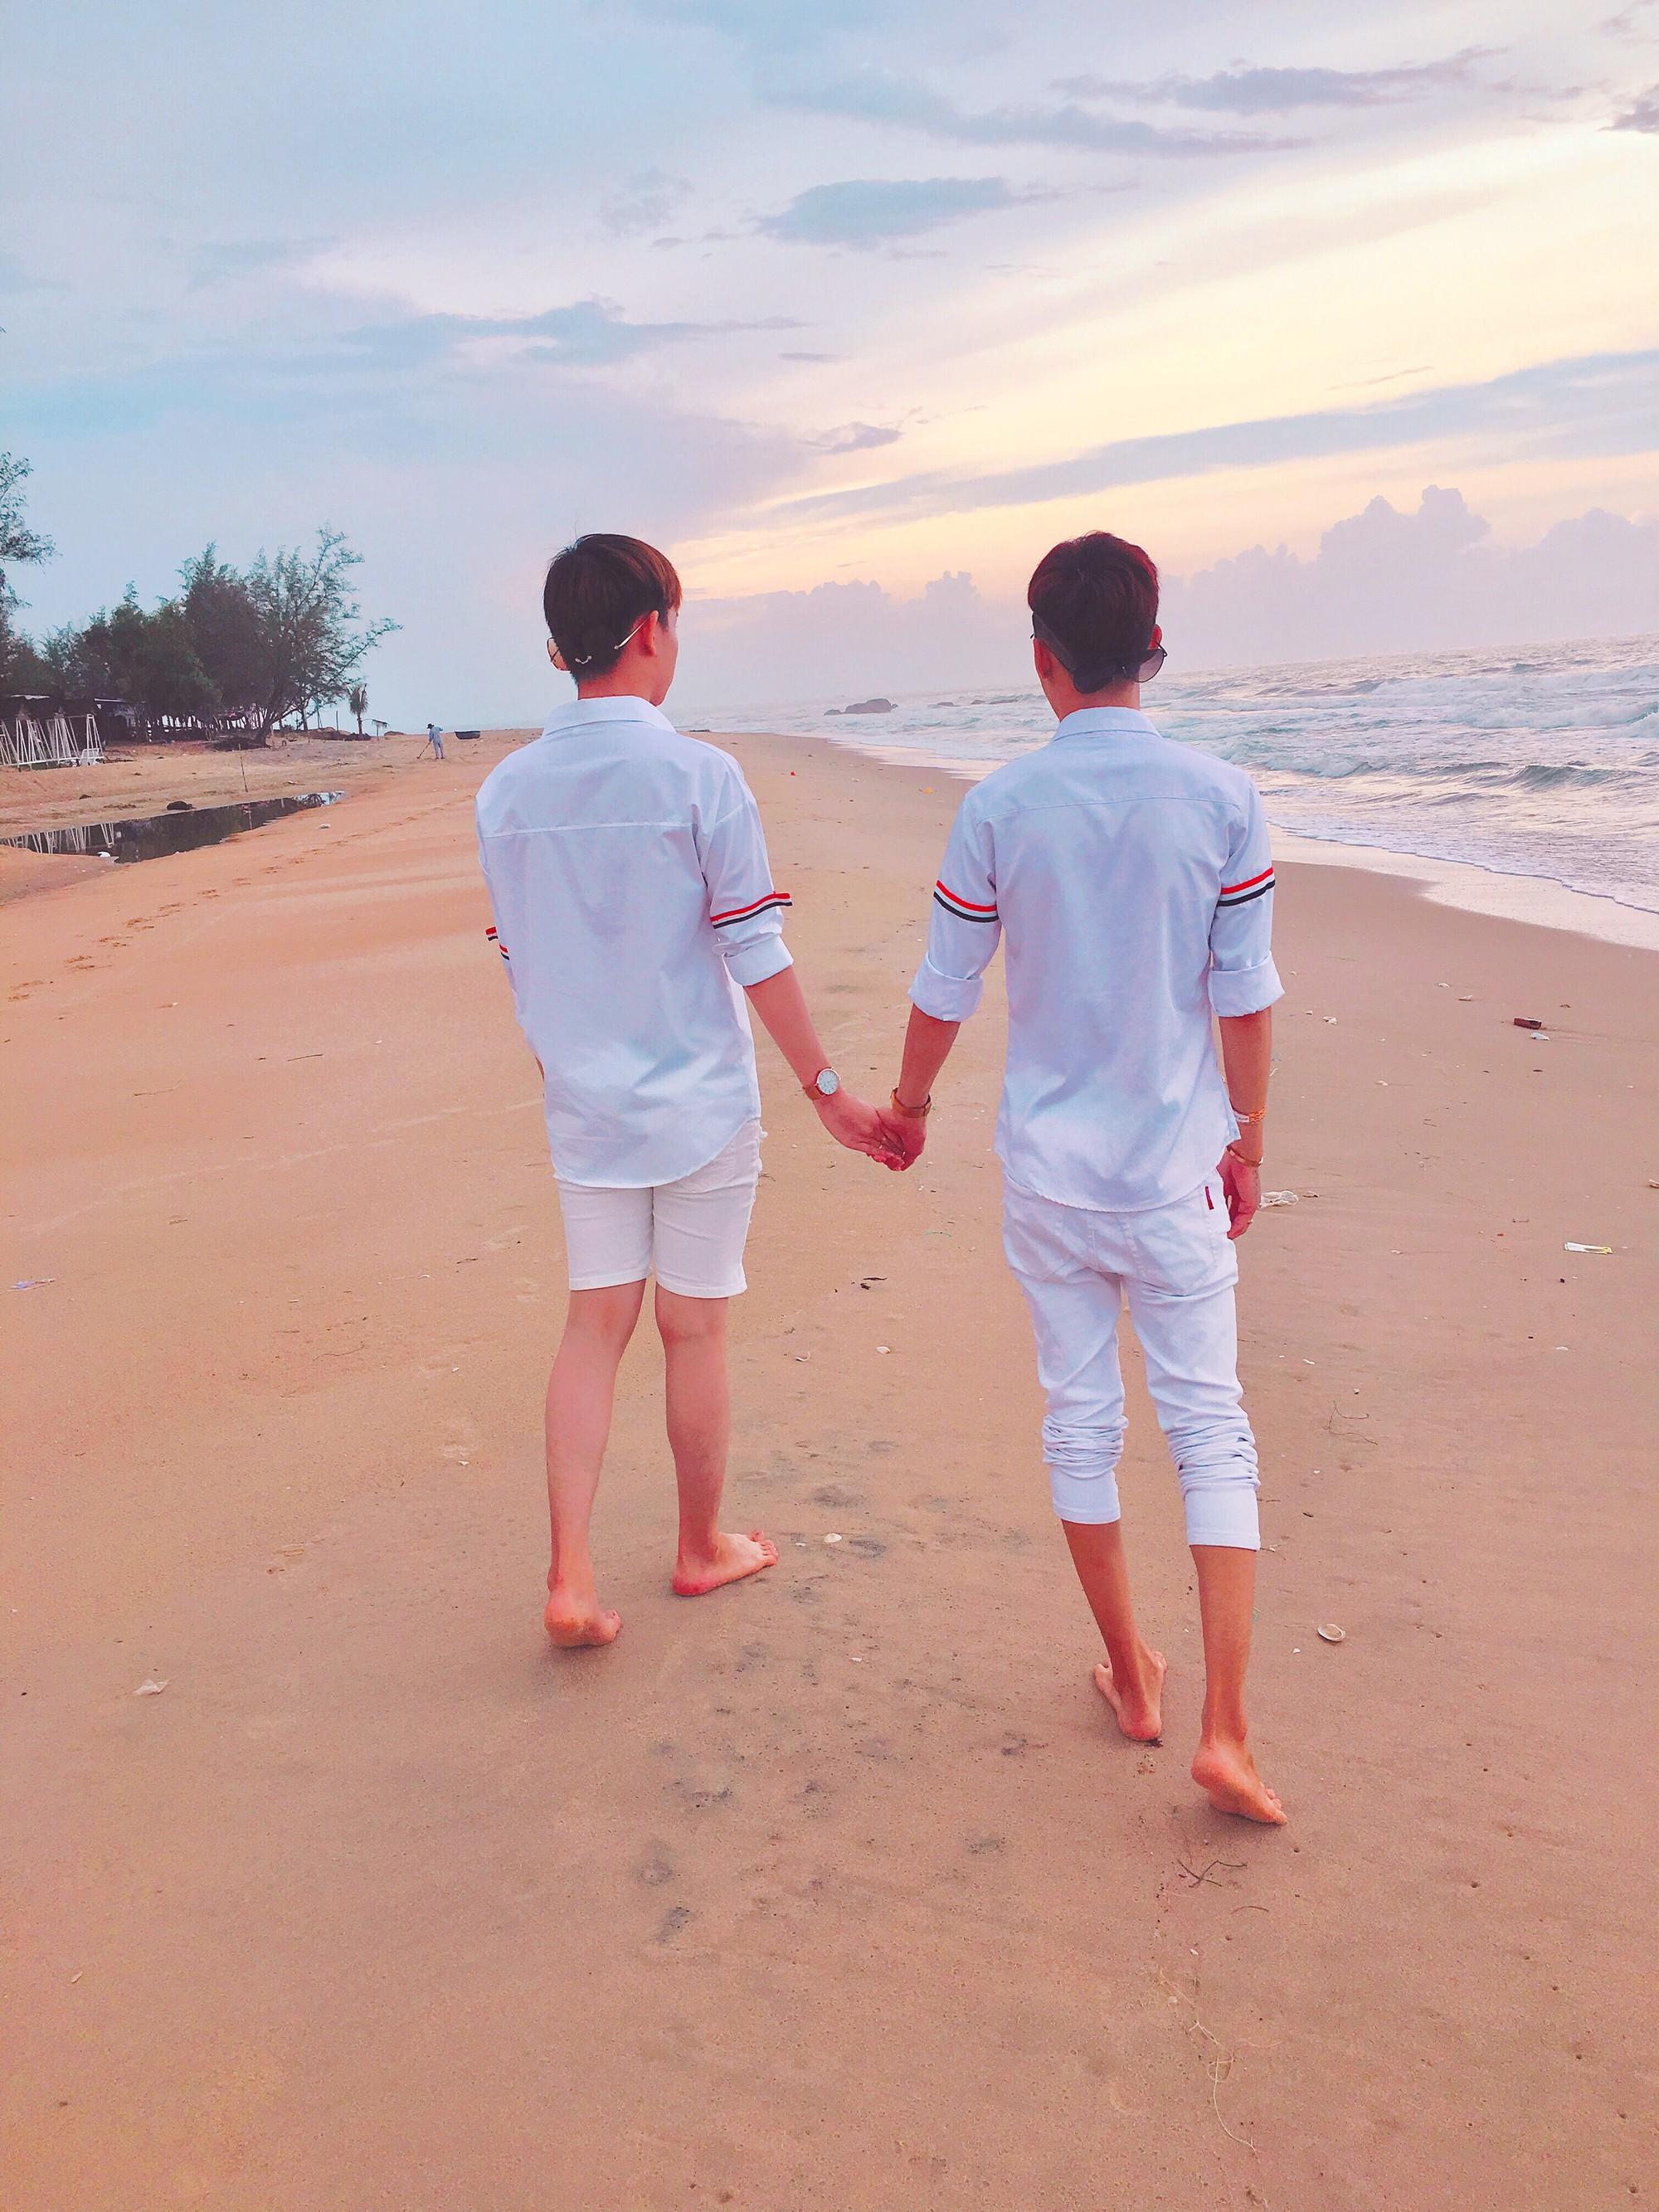 Cặp đôi đồng tính gây sốt với bộ ảnh đẹp như hoa cùng những khoảnh khắc ngọt ngào - Ảnh 8.